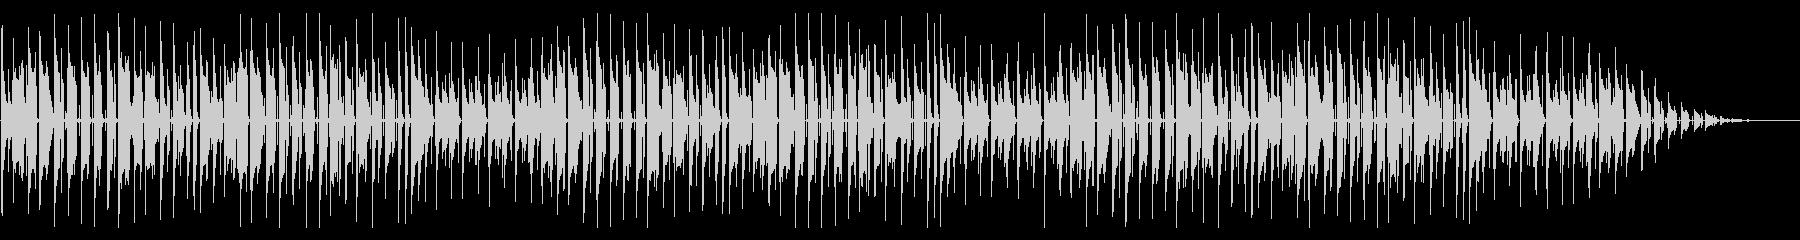 童謡「たなばたさま」脱力系アレンジの未再生の波形